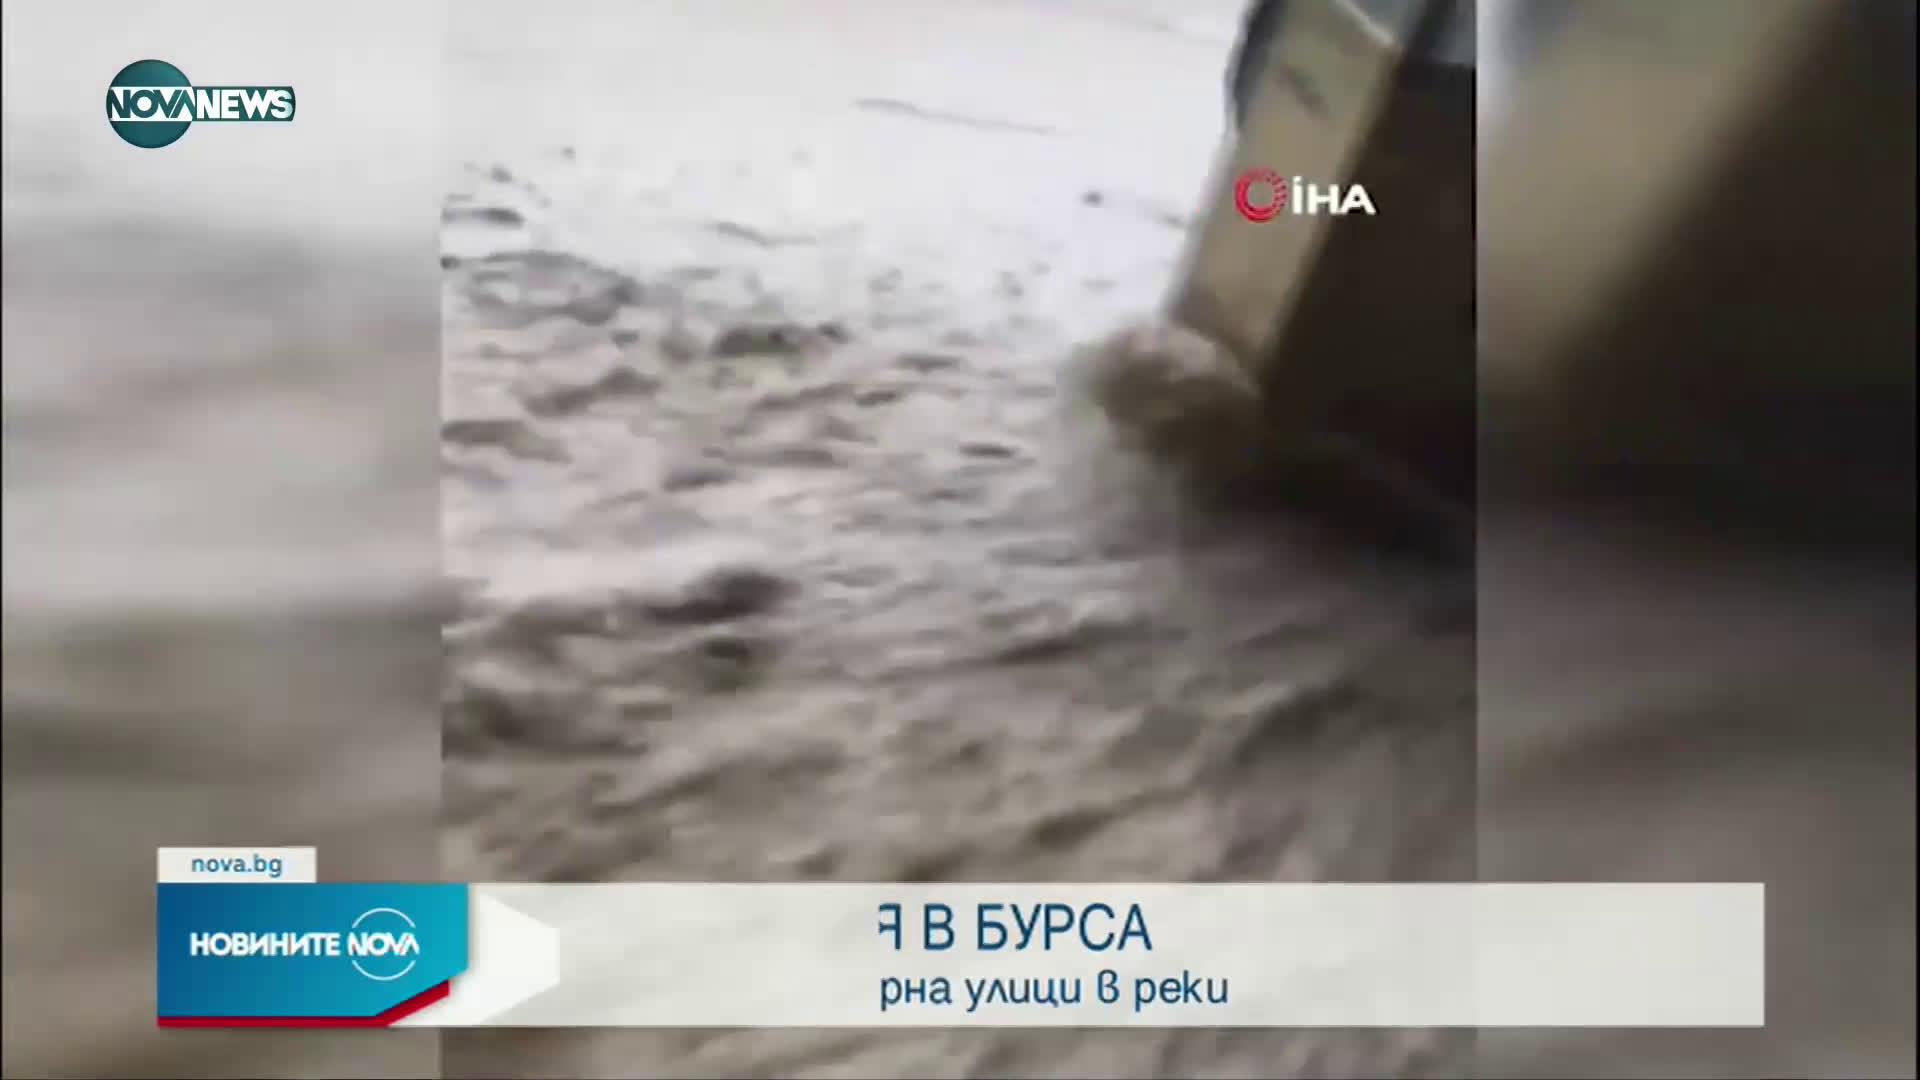 Проливен дъжд причини наводнение в Бурса